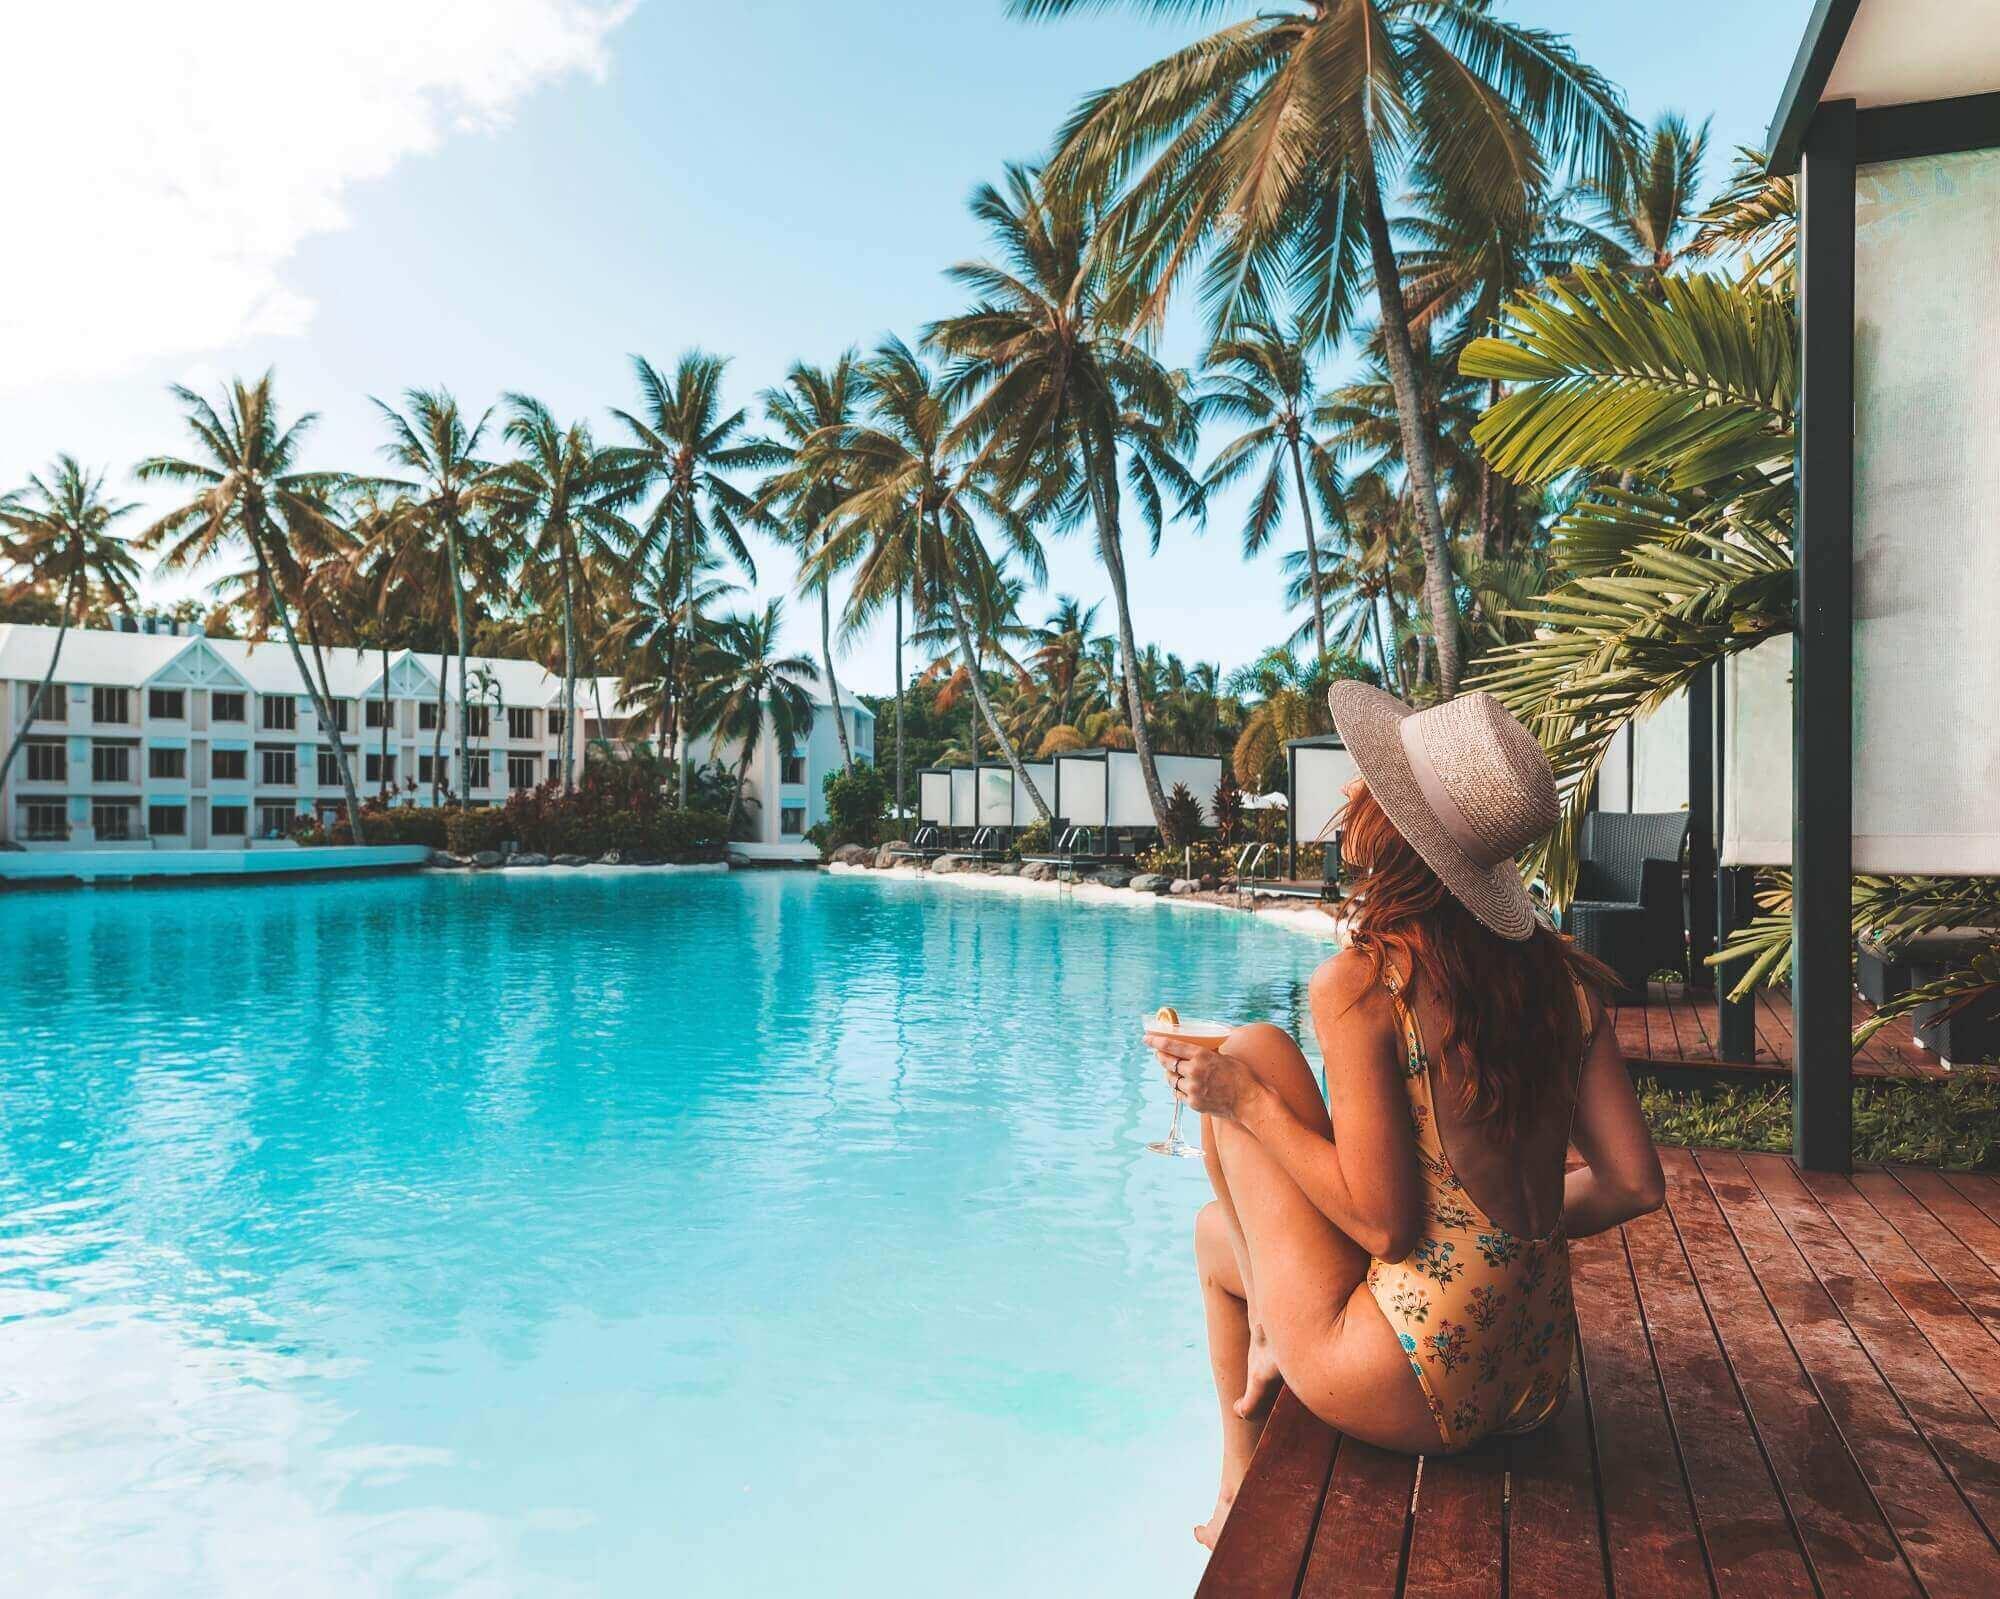 Cabana Your Day Away